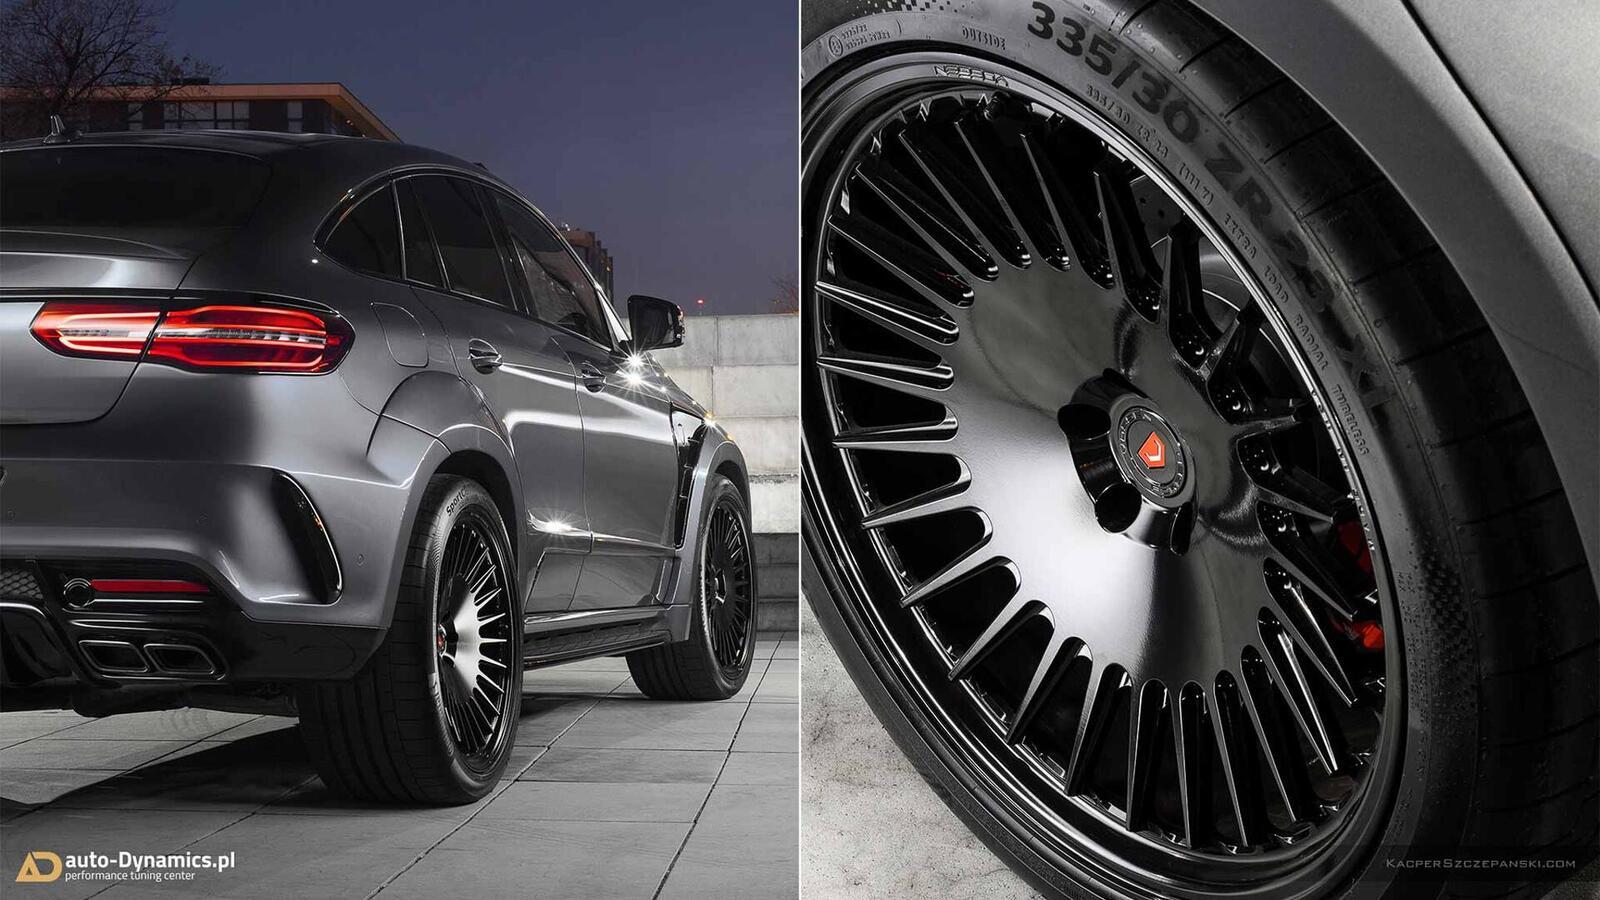 Mercedes-AMG GLE 63 S Coupe độ công suất lên 795 mã lực; tăng tốc 0-100 km/h trong 3,25 giây - Hình 9